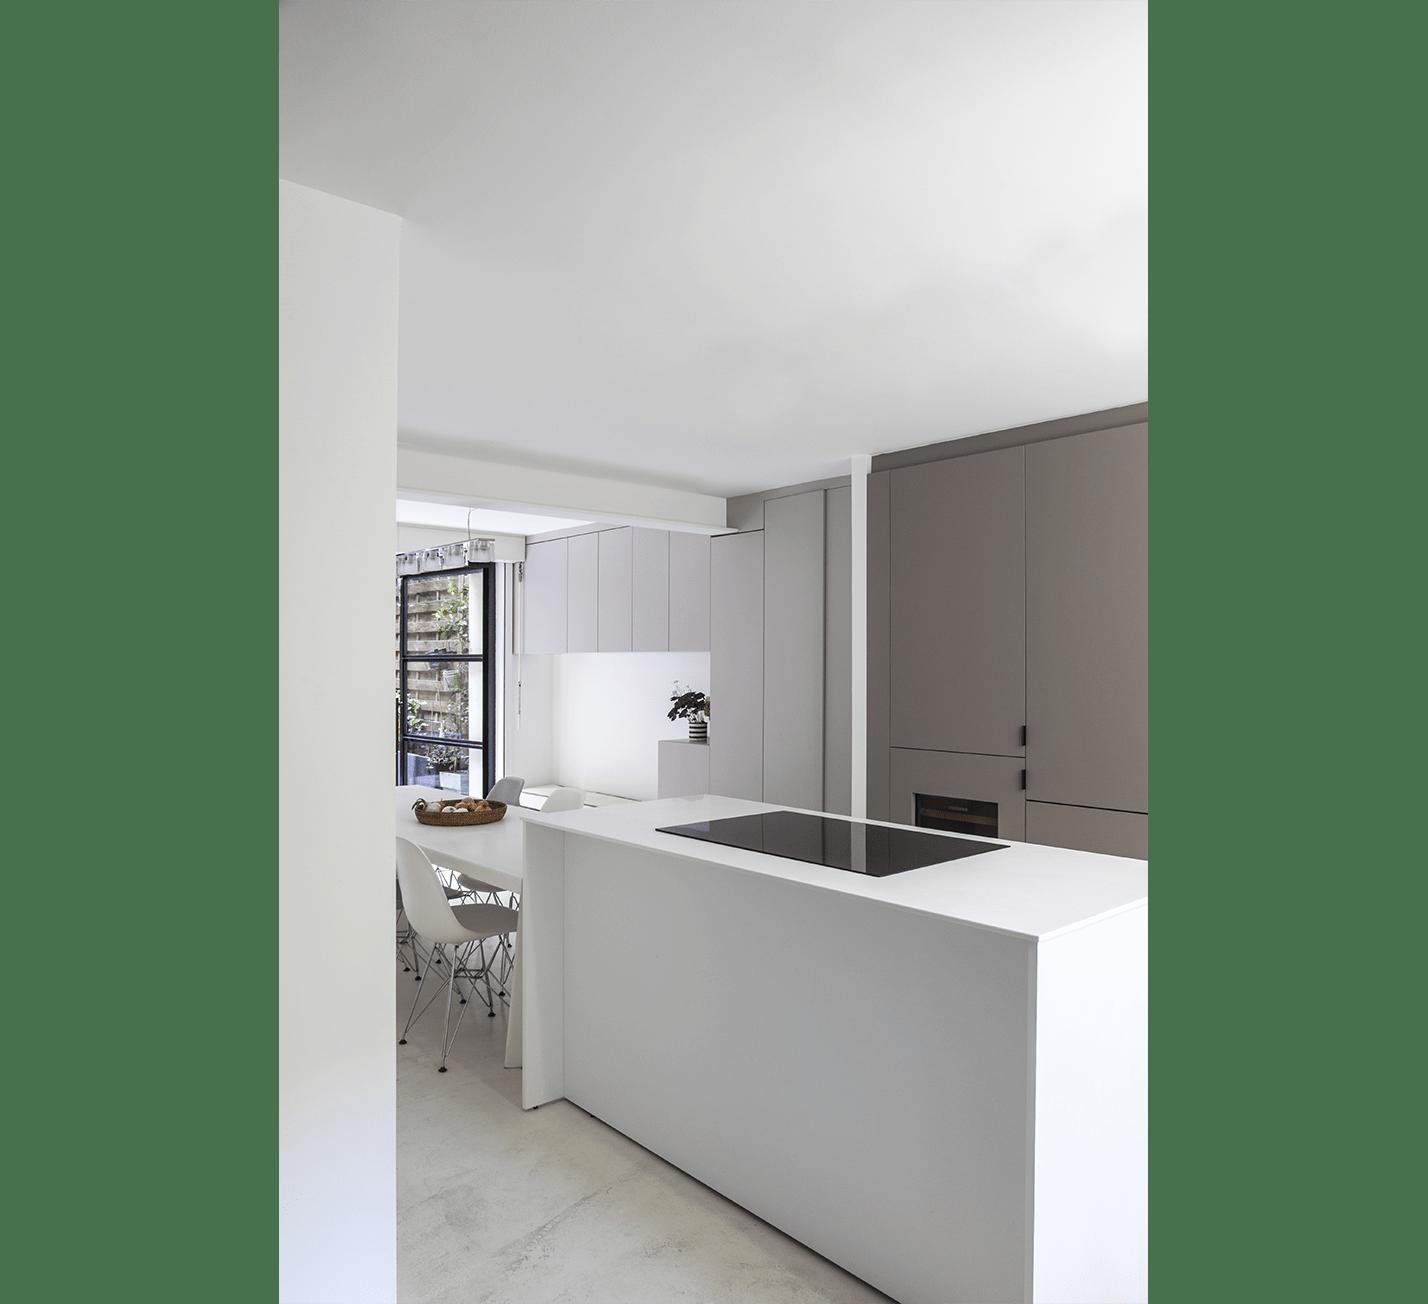 Projet-Square-Chaure-Atelier-Steve-Pauline-Borgia-Architecture-interieur-02-min